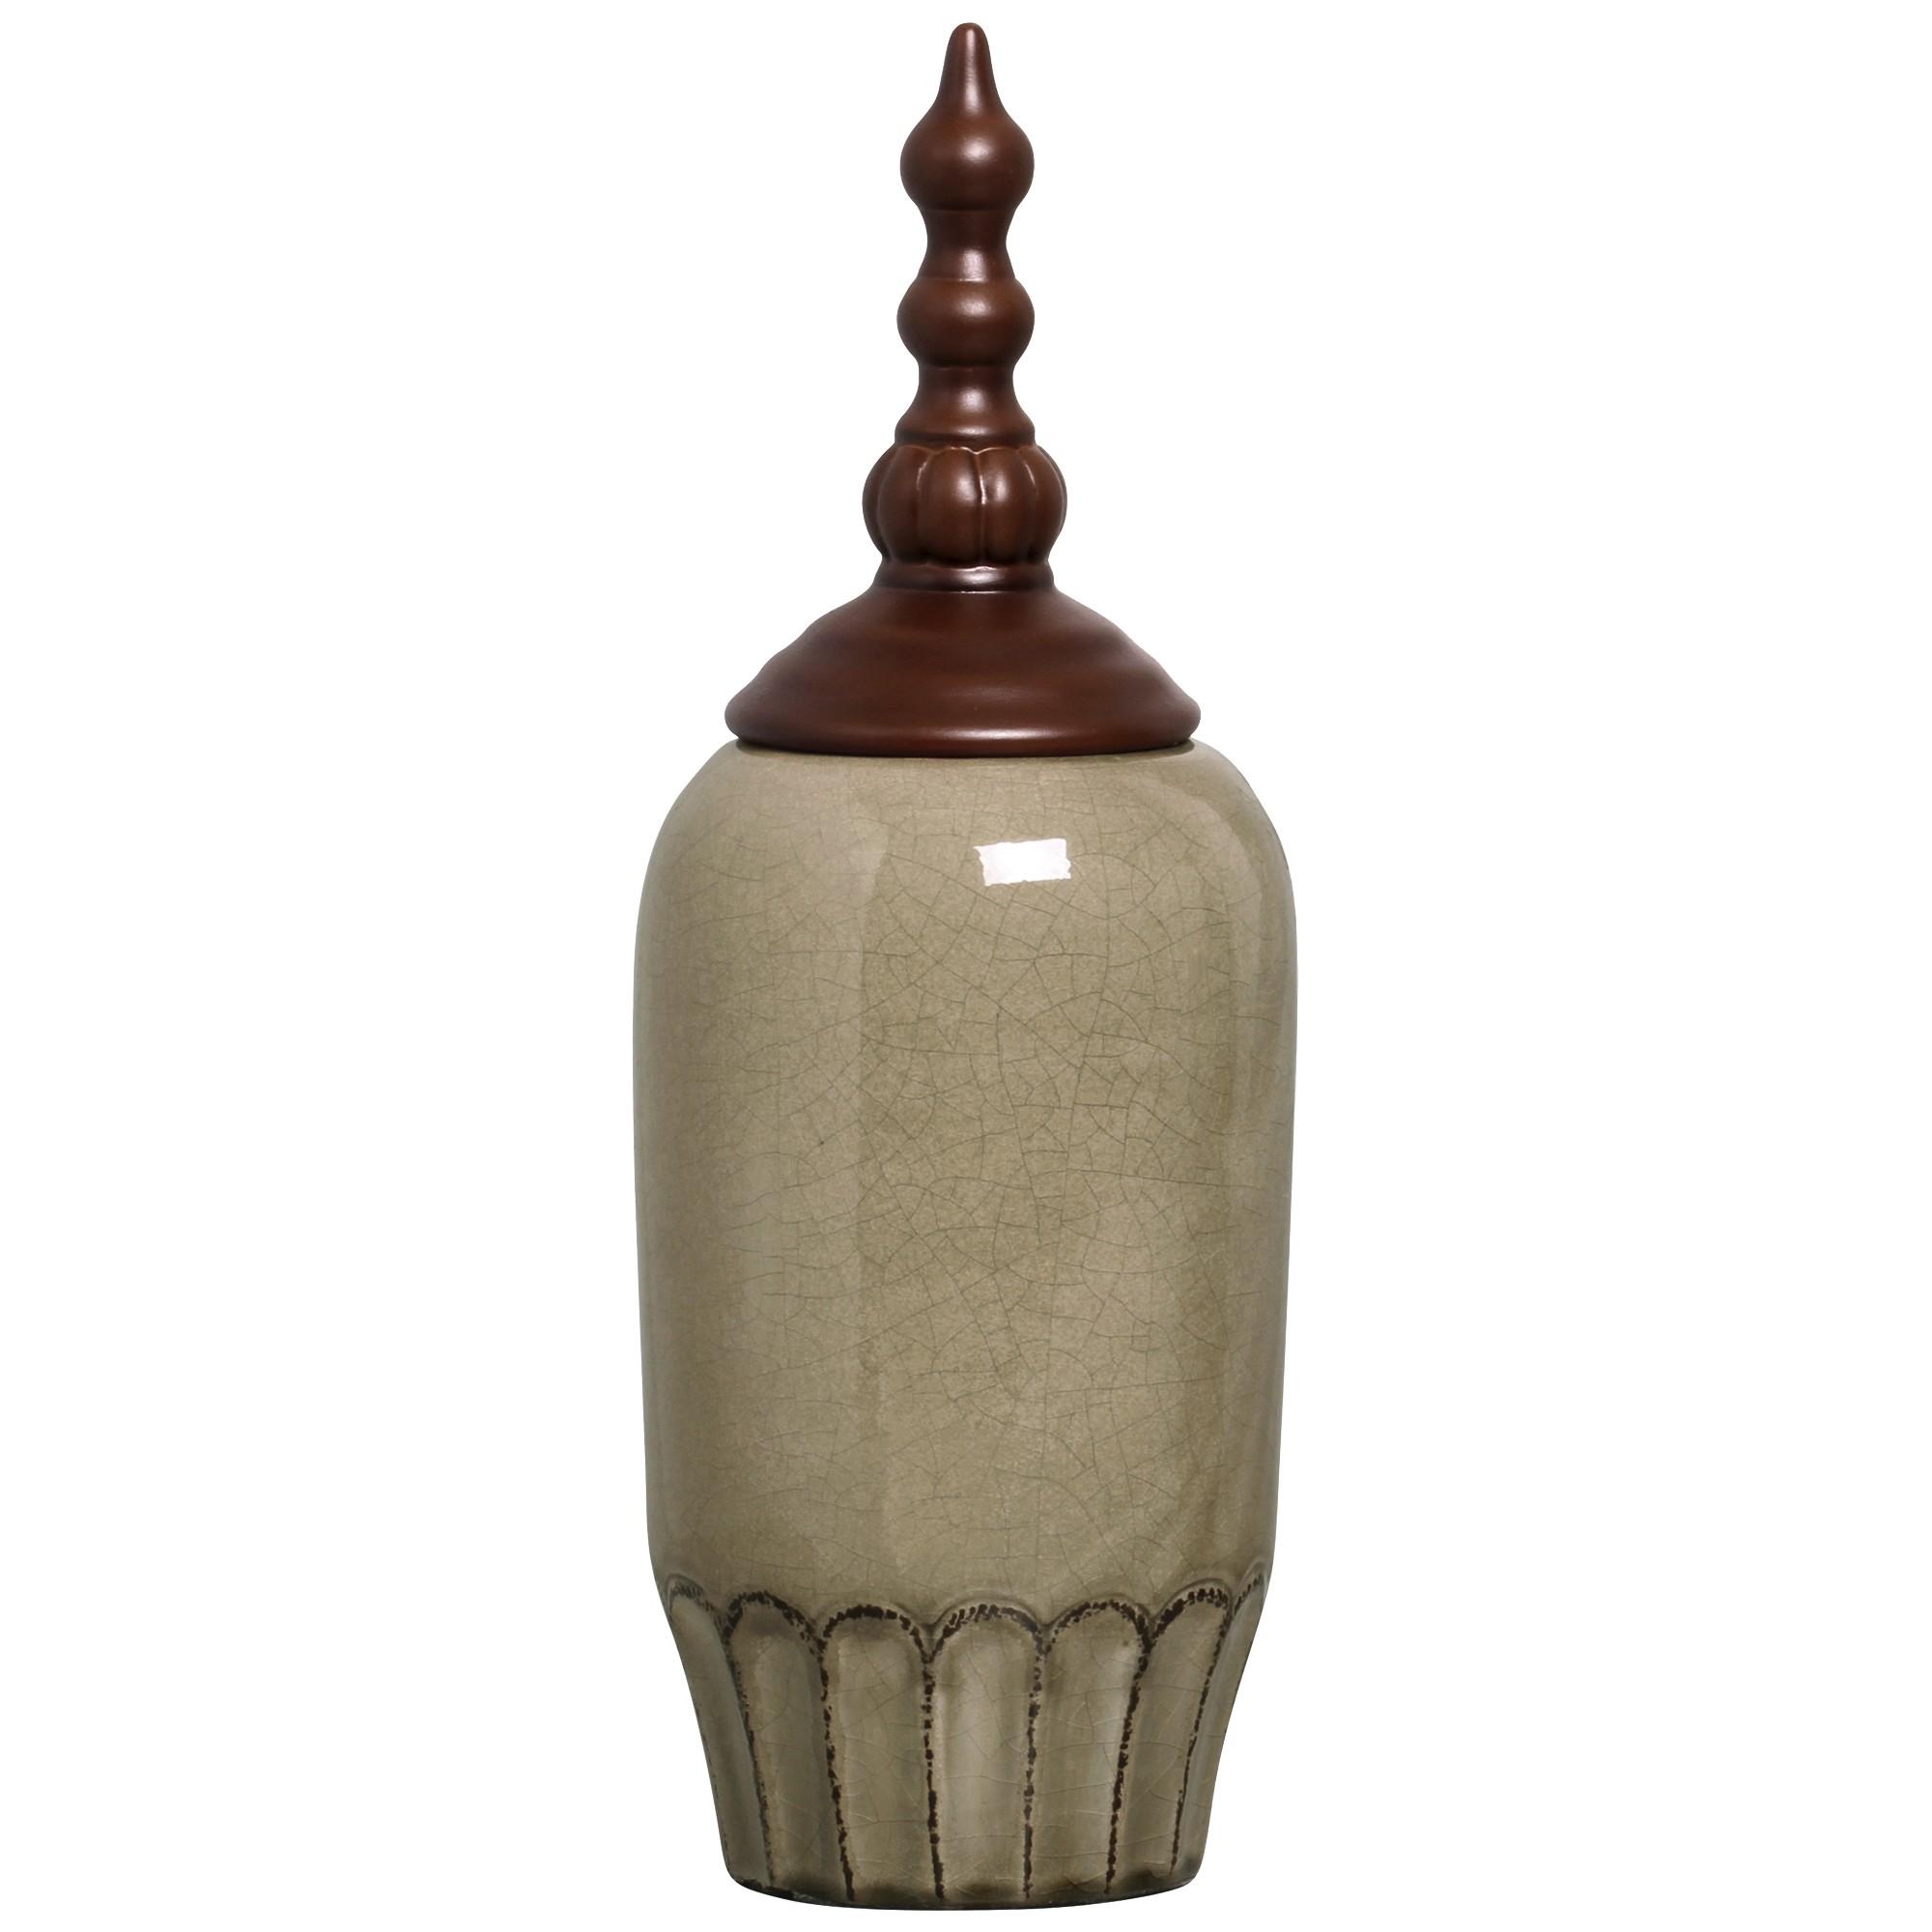 Potiche Decorativo Pote Luna I 43 cm 97629 - Buzzio s